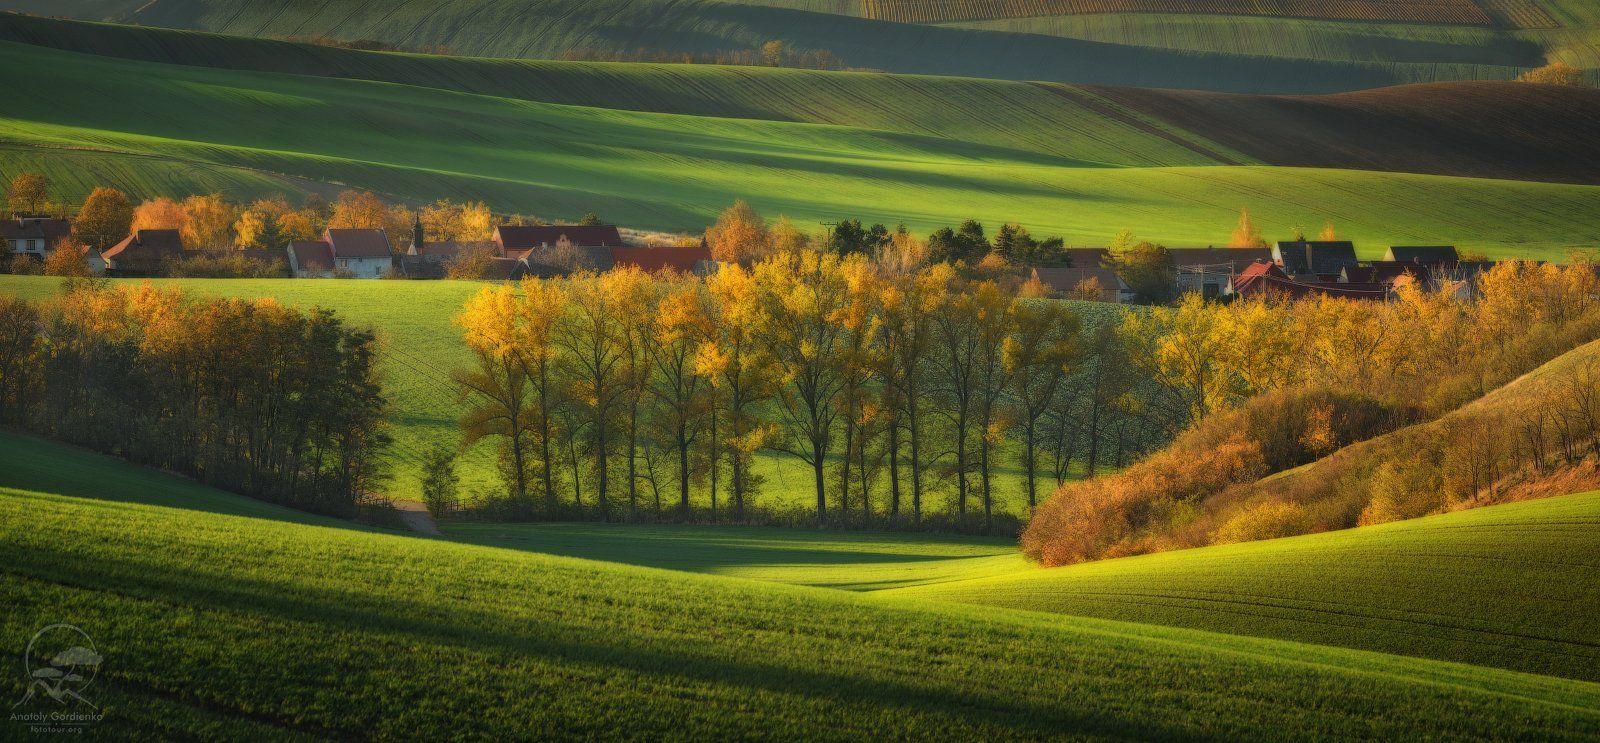 пейзаж, природа, поле, моравия, чехия, Анатолий Гордиенко www.fototour.org